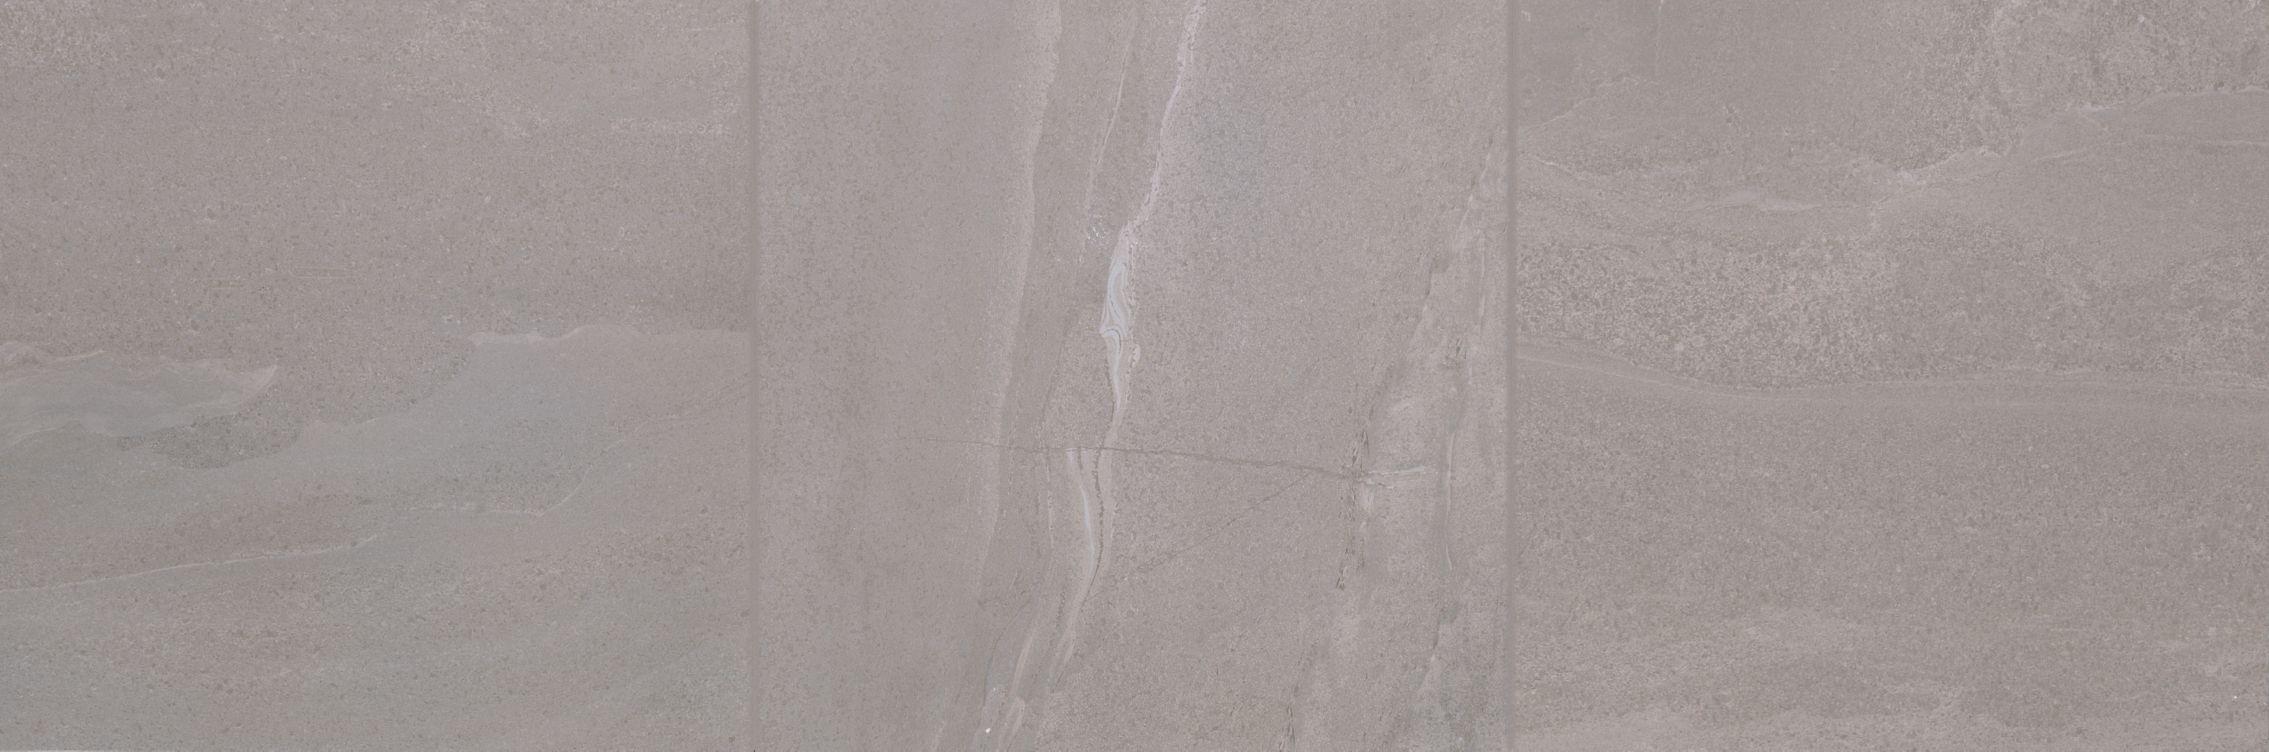 Grand Terrace Luxury Gray Matte